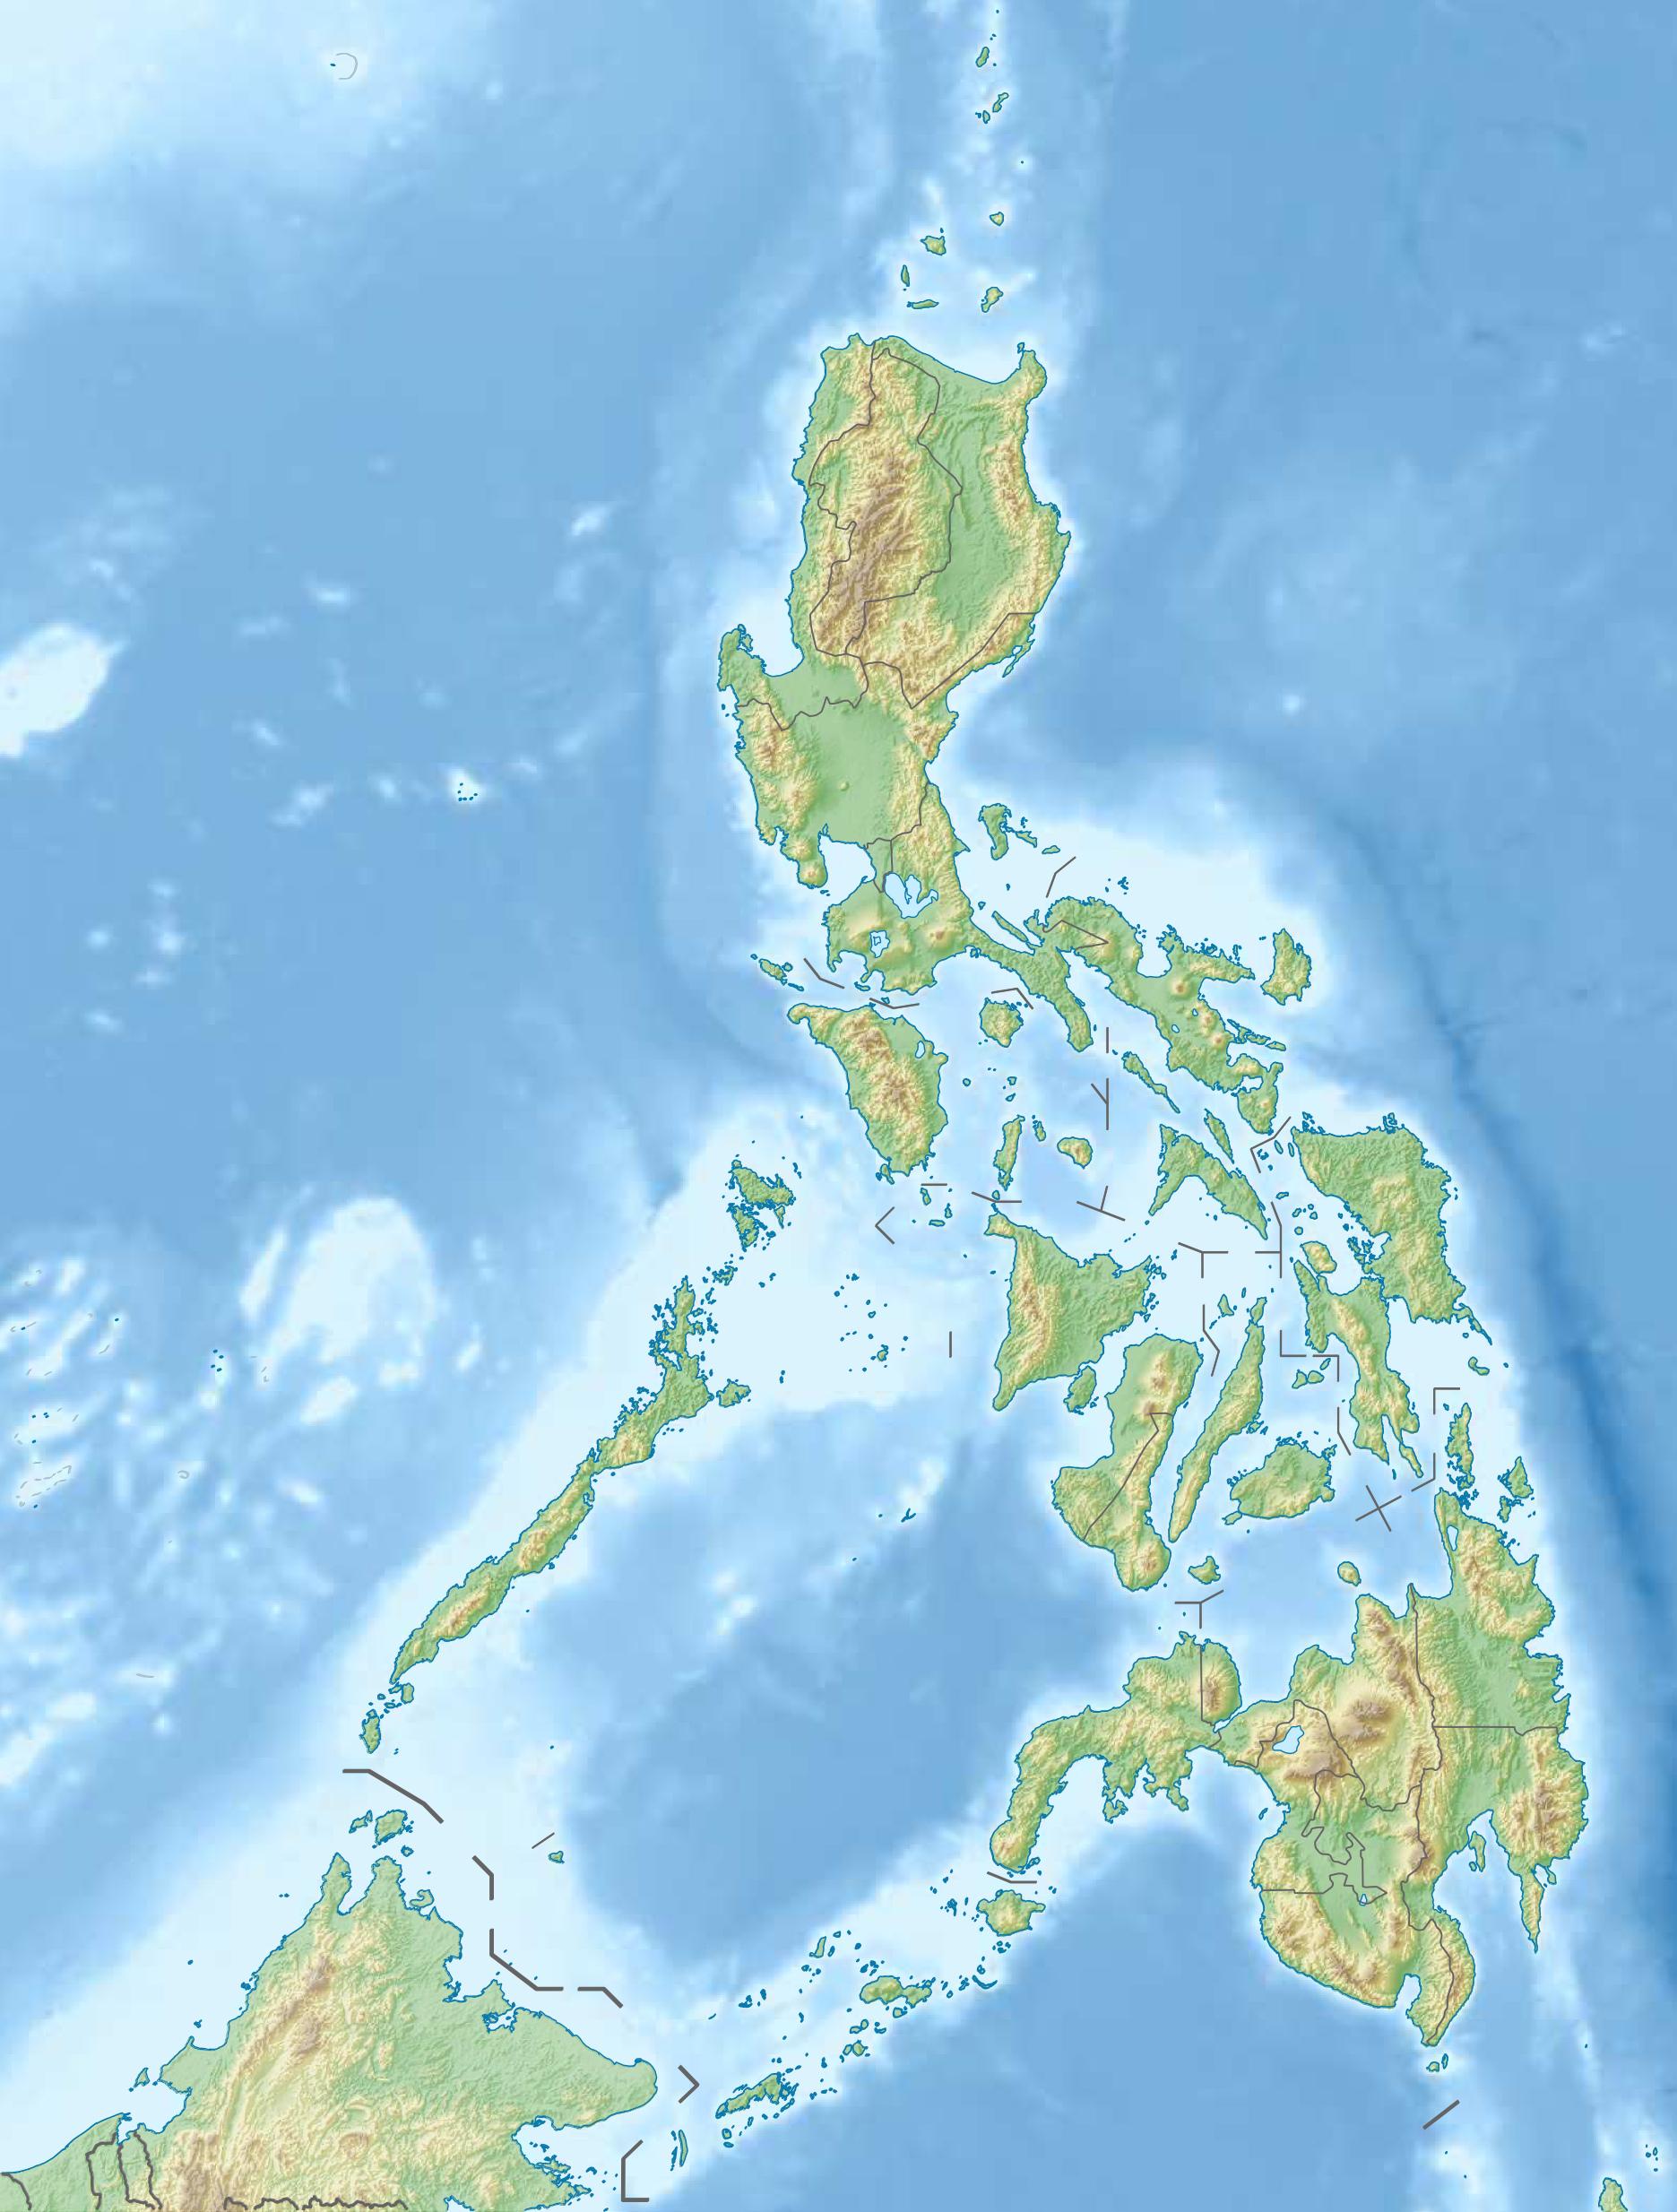 Binalpagan negros westlichen Philippinen